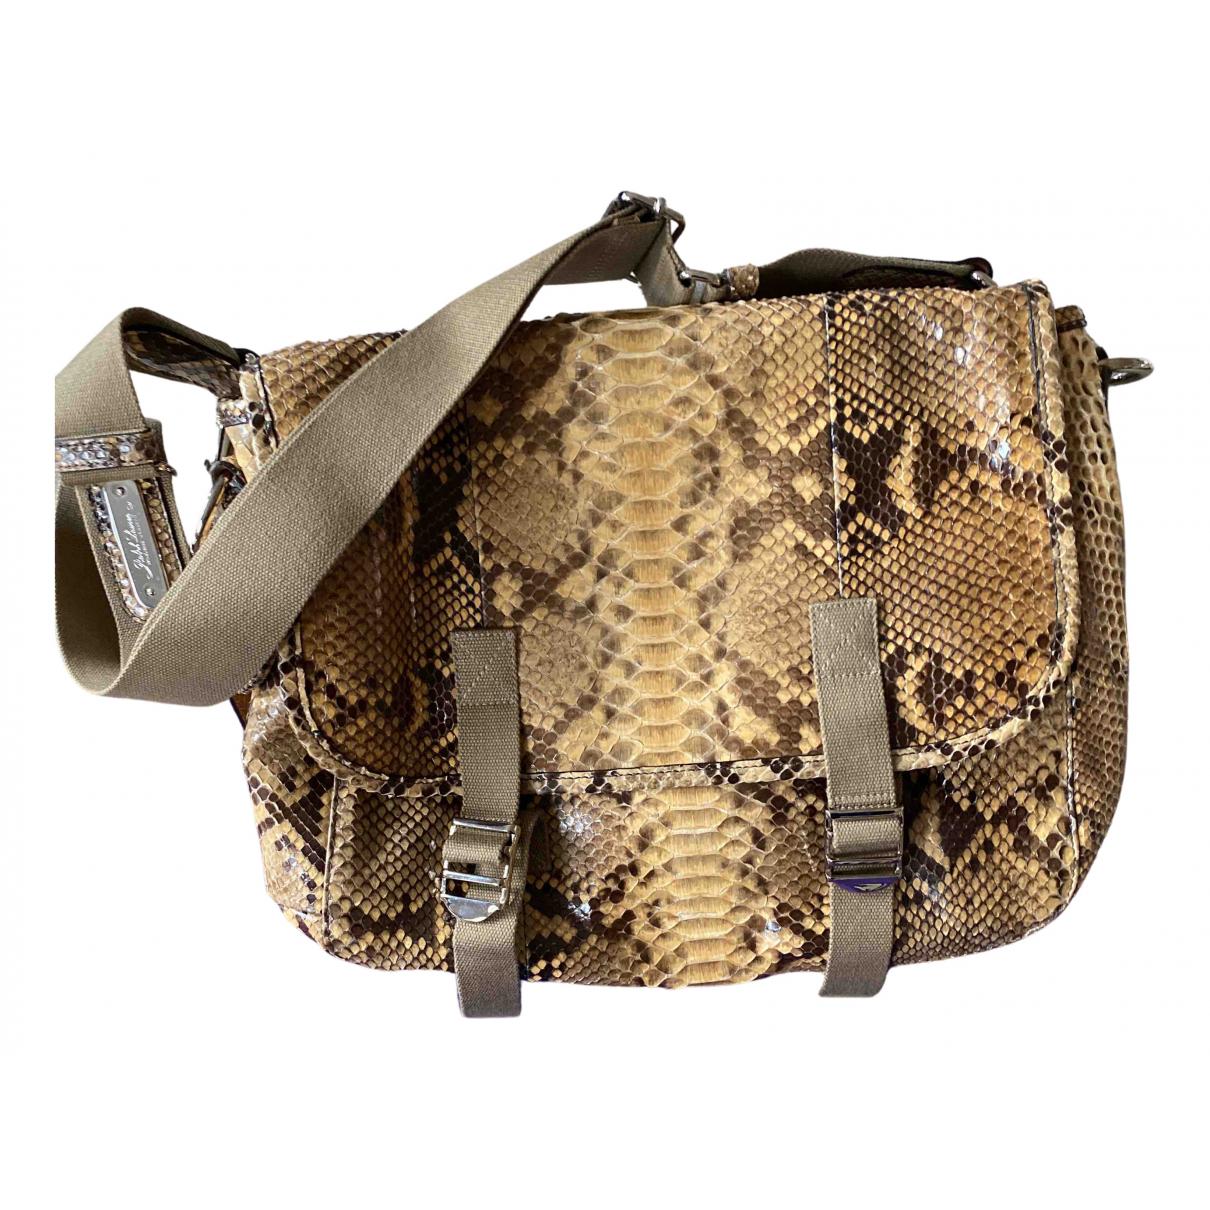 Ralph Lauren - Sac a main   pour femme en python - beige